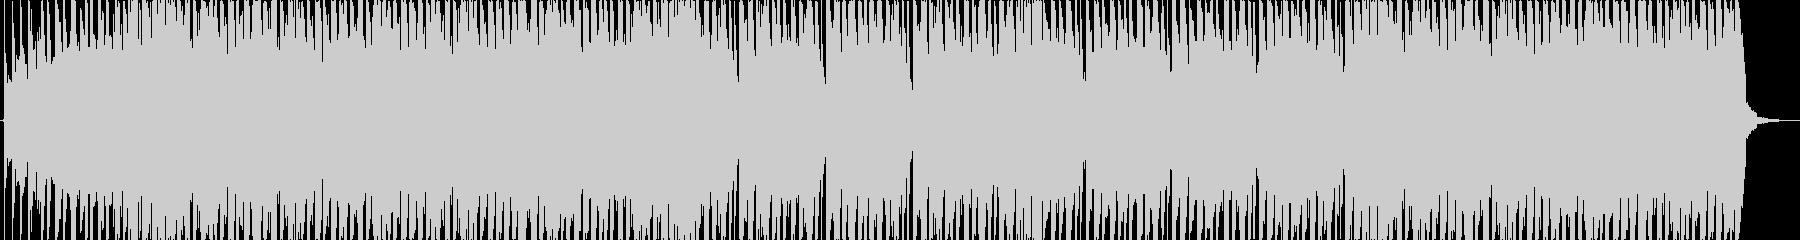 映像やイベントに、ヒップホップBGMの未再生の波形